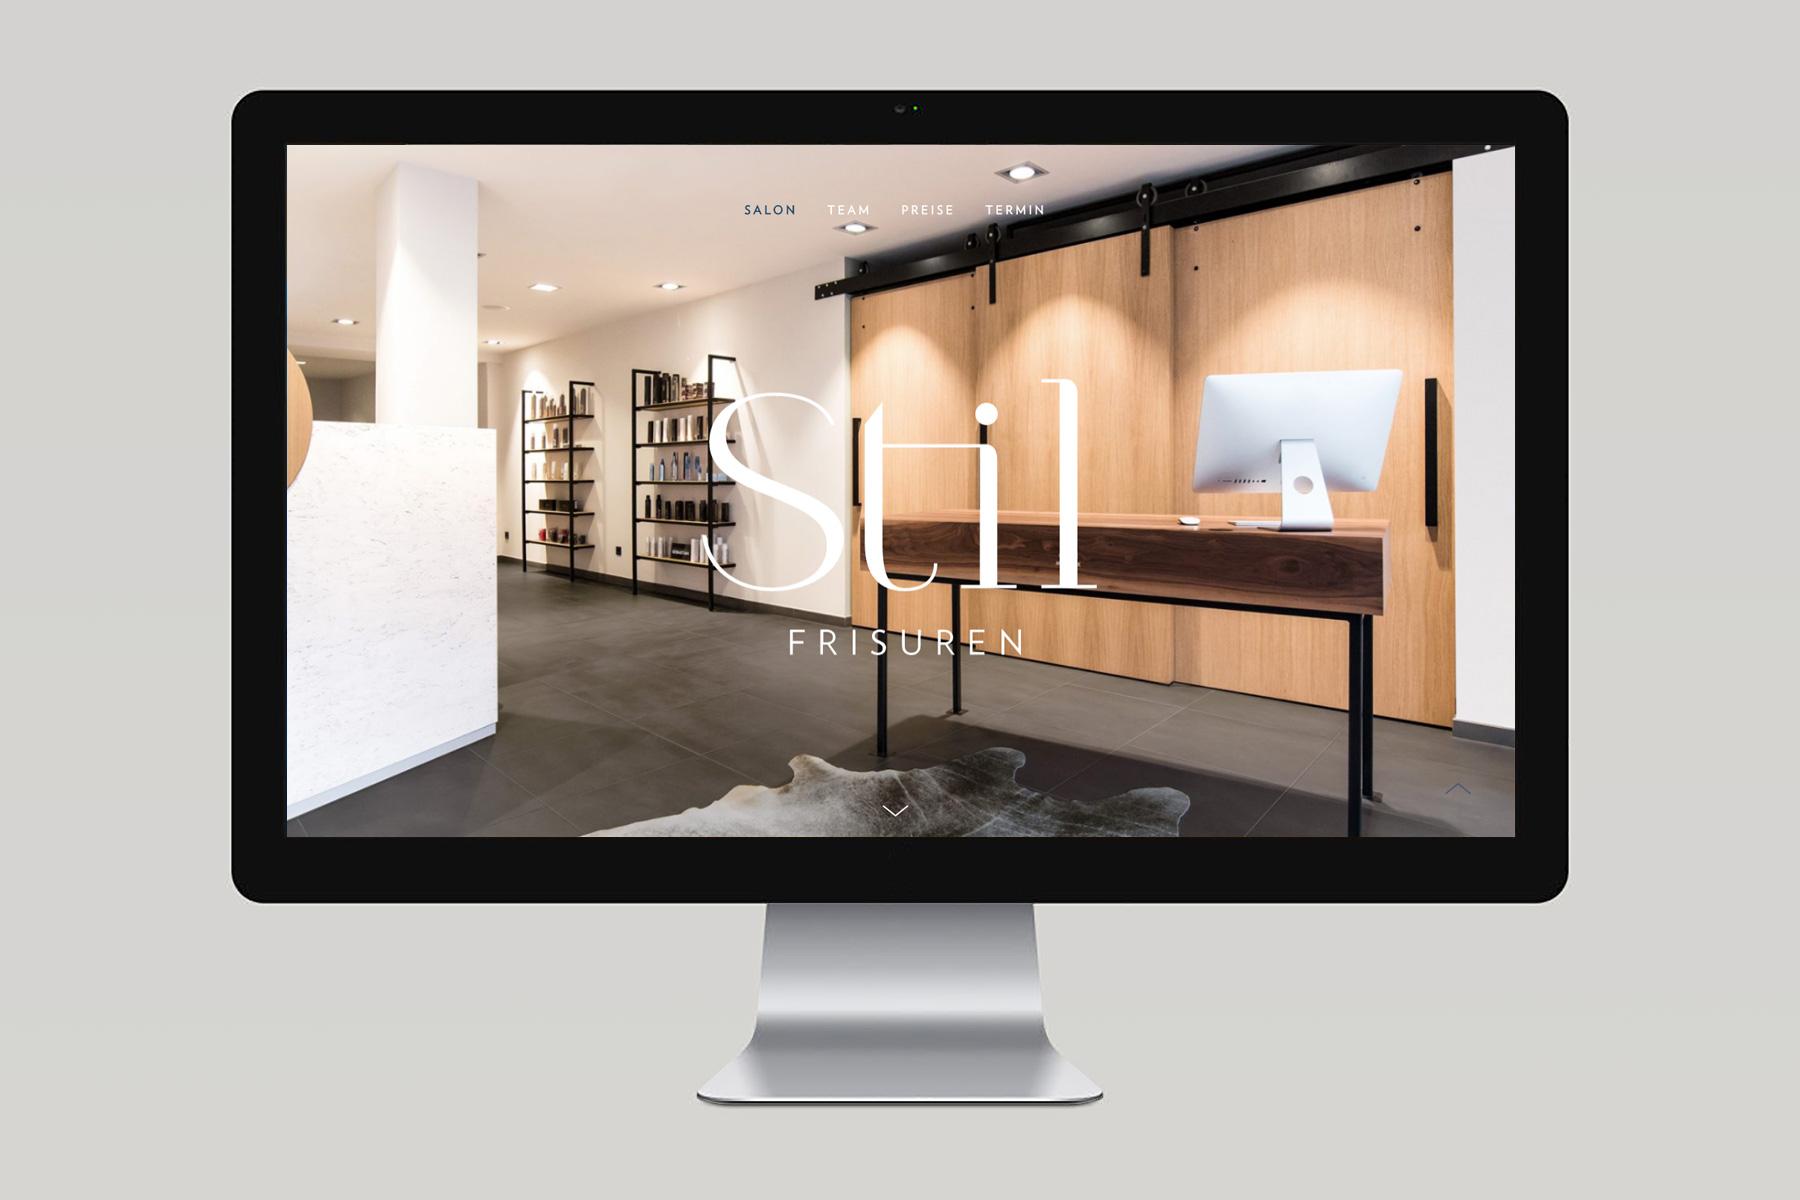 Webdesign Friseursalon Stil Marco Küveler